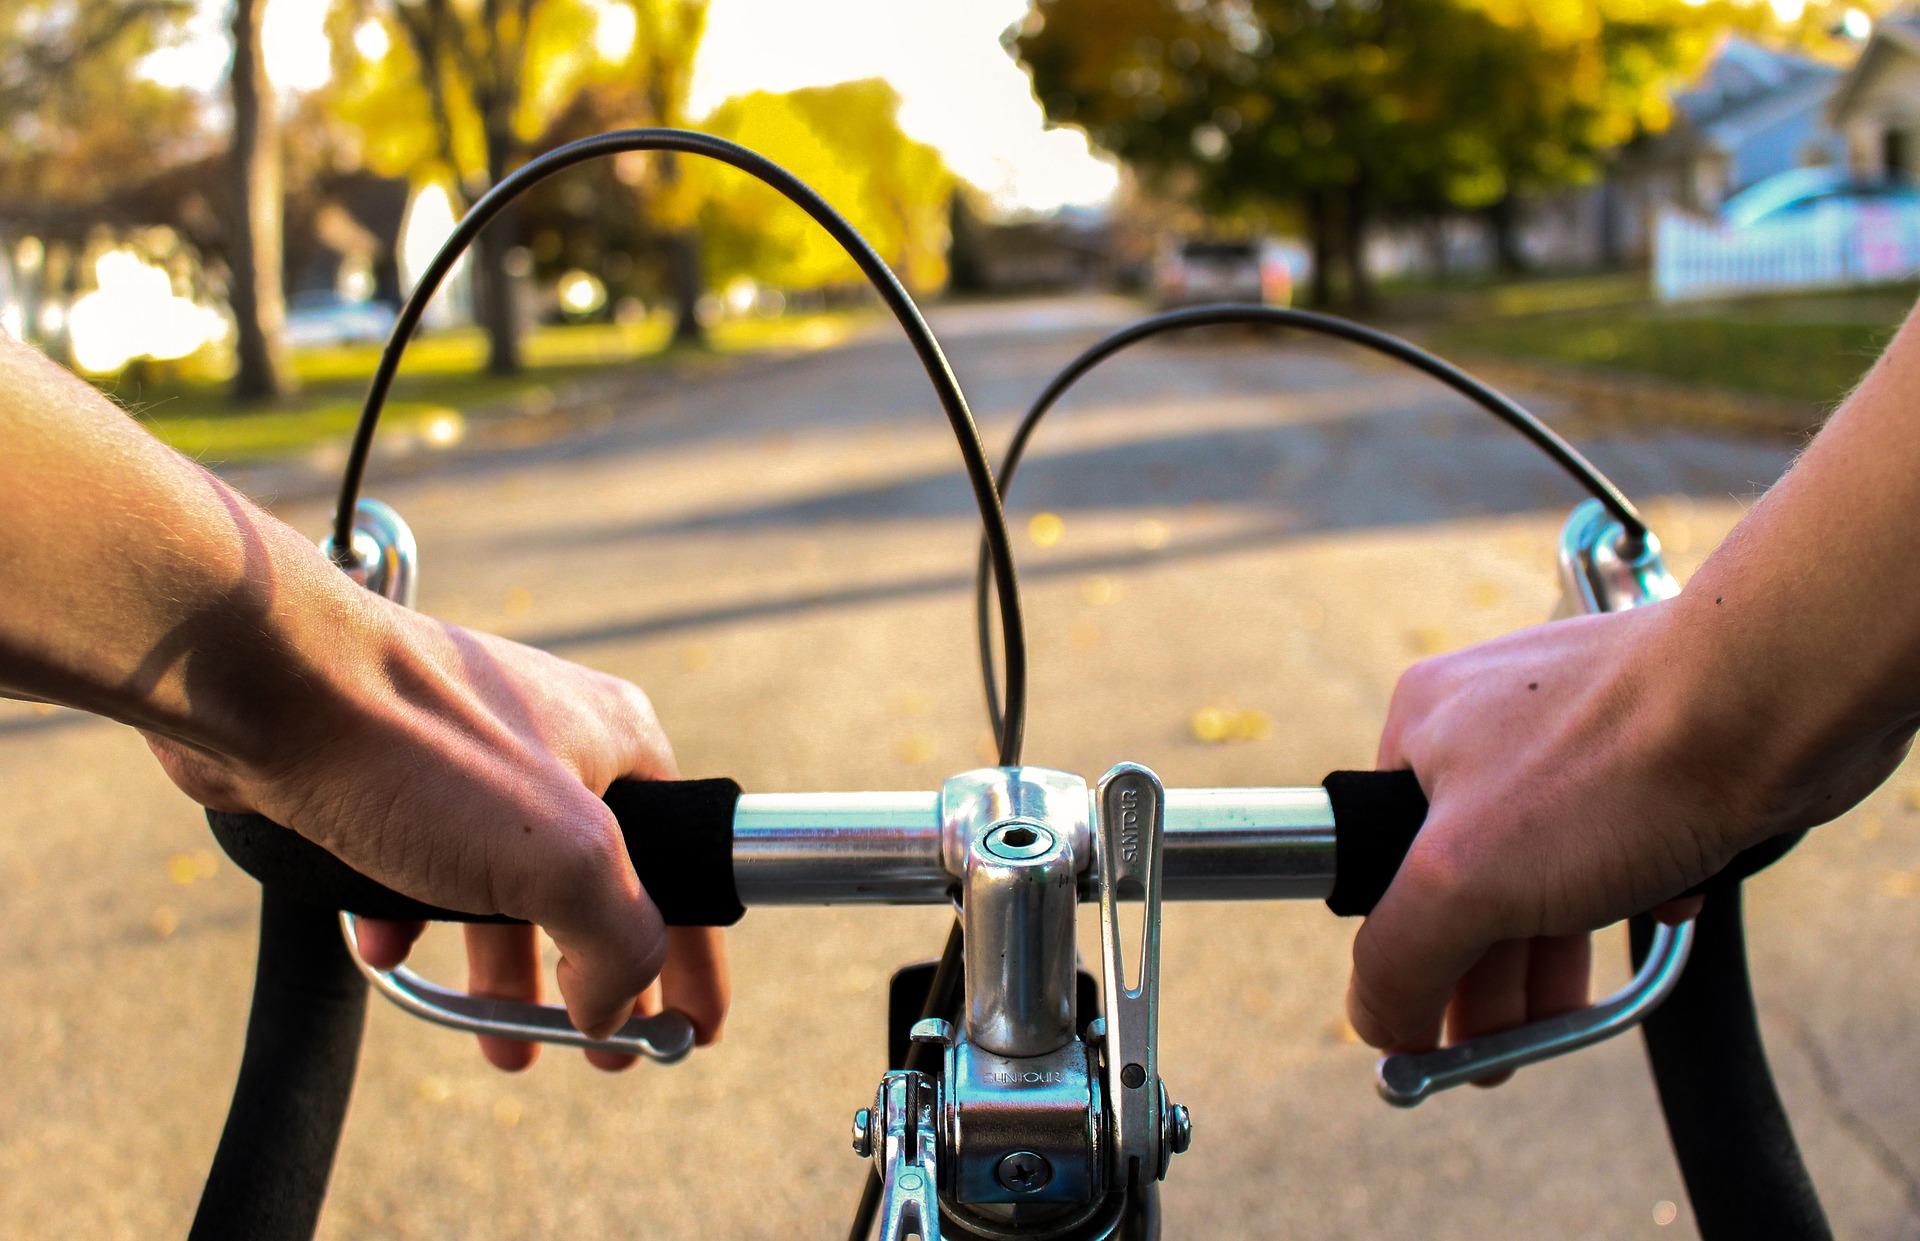 Rowerzysta i jego obowiązki w  przestrzeni publicznej